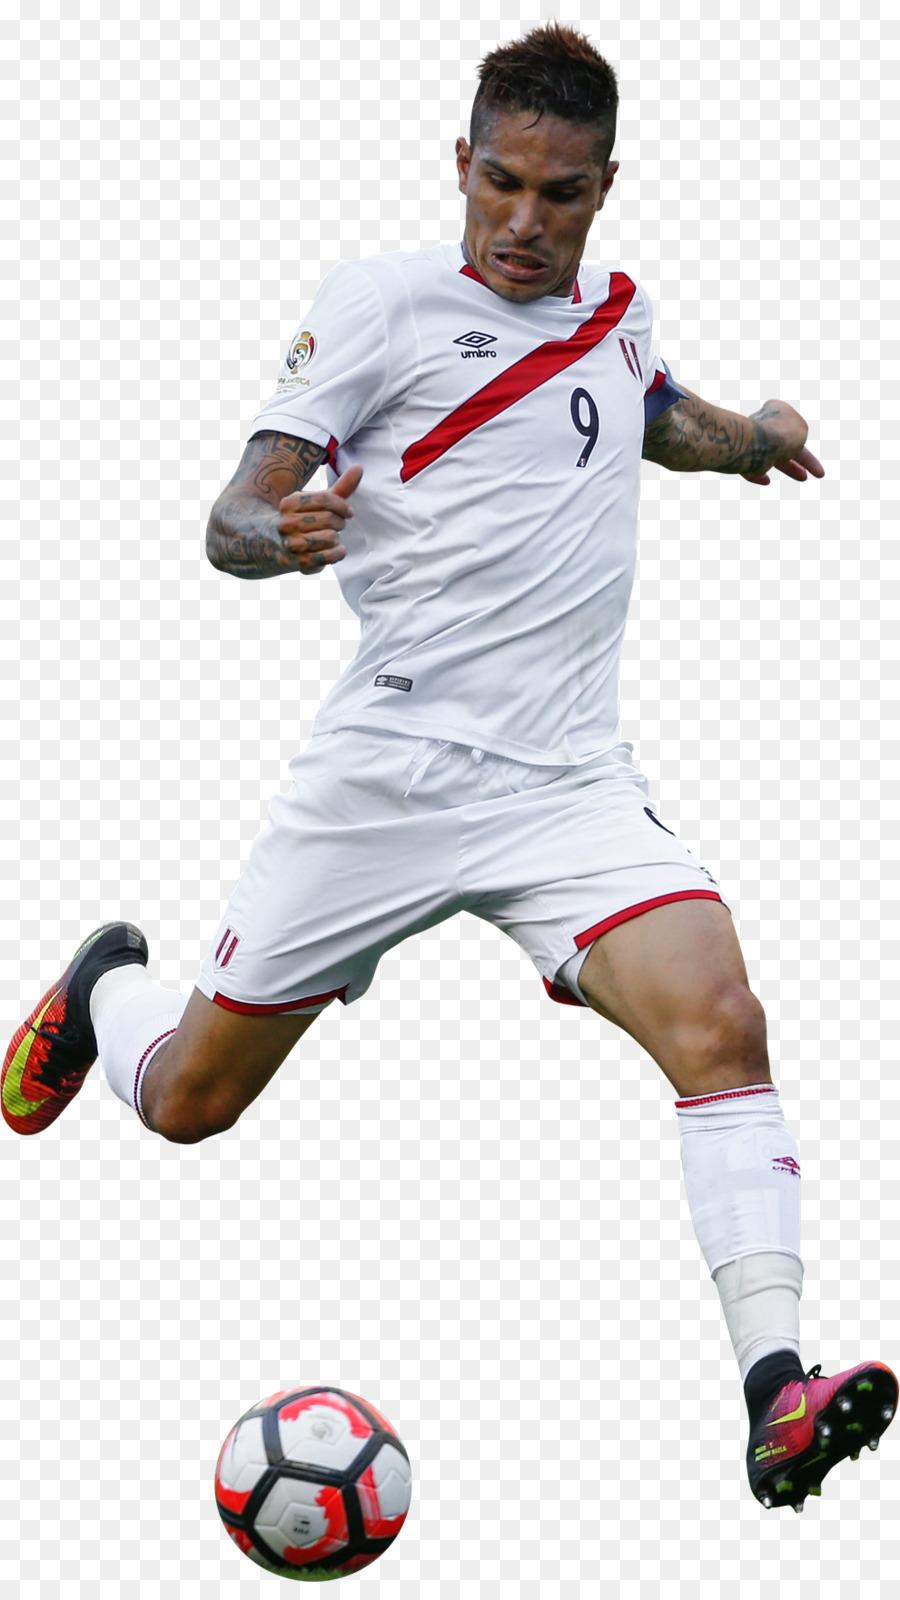 Descarga gratuita de Paolo Guerrero, Perú Equipo De Fútbol Nacional De, Sport Club Corinthians Paulista imágenes PNG